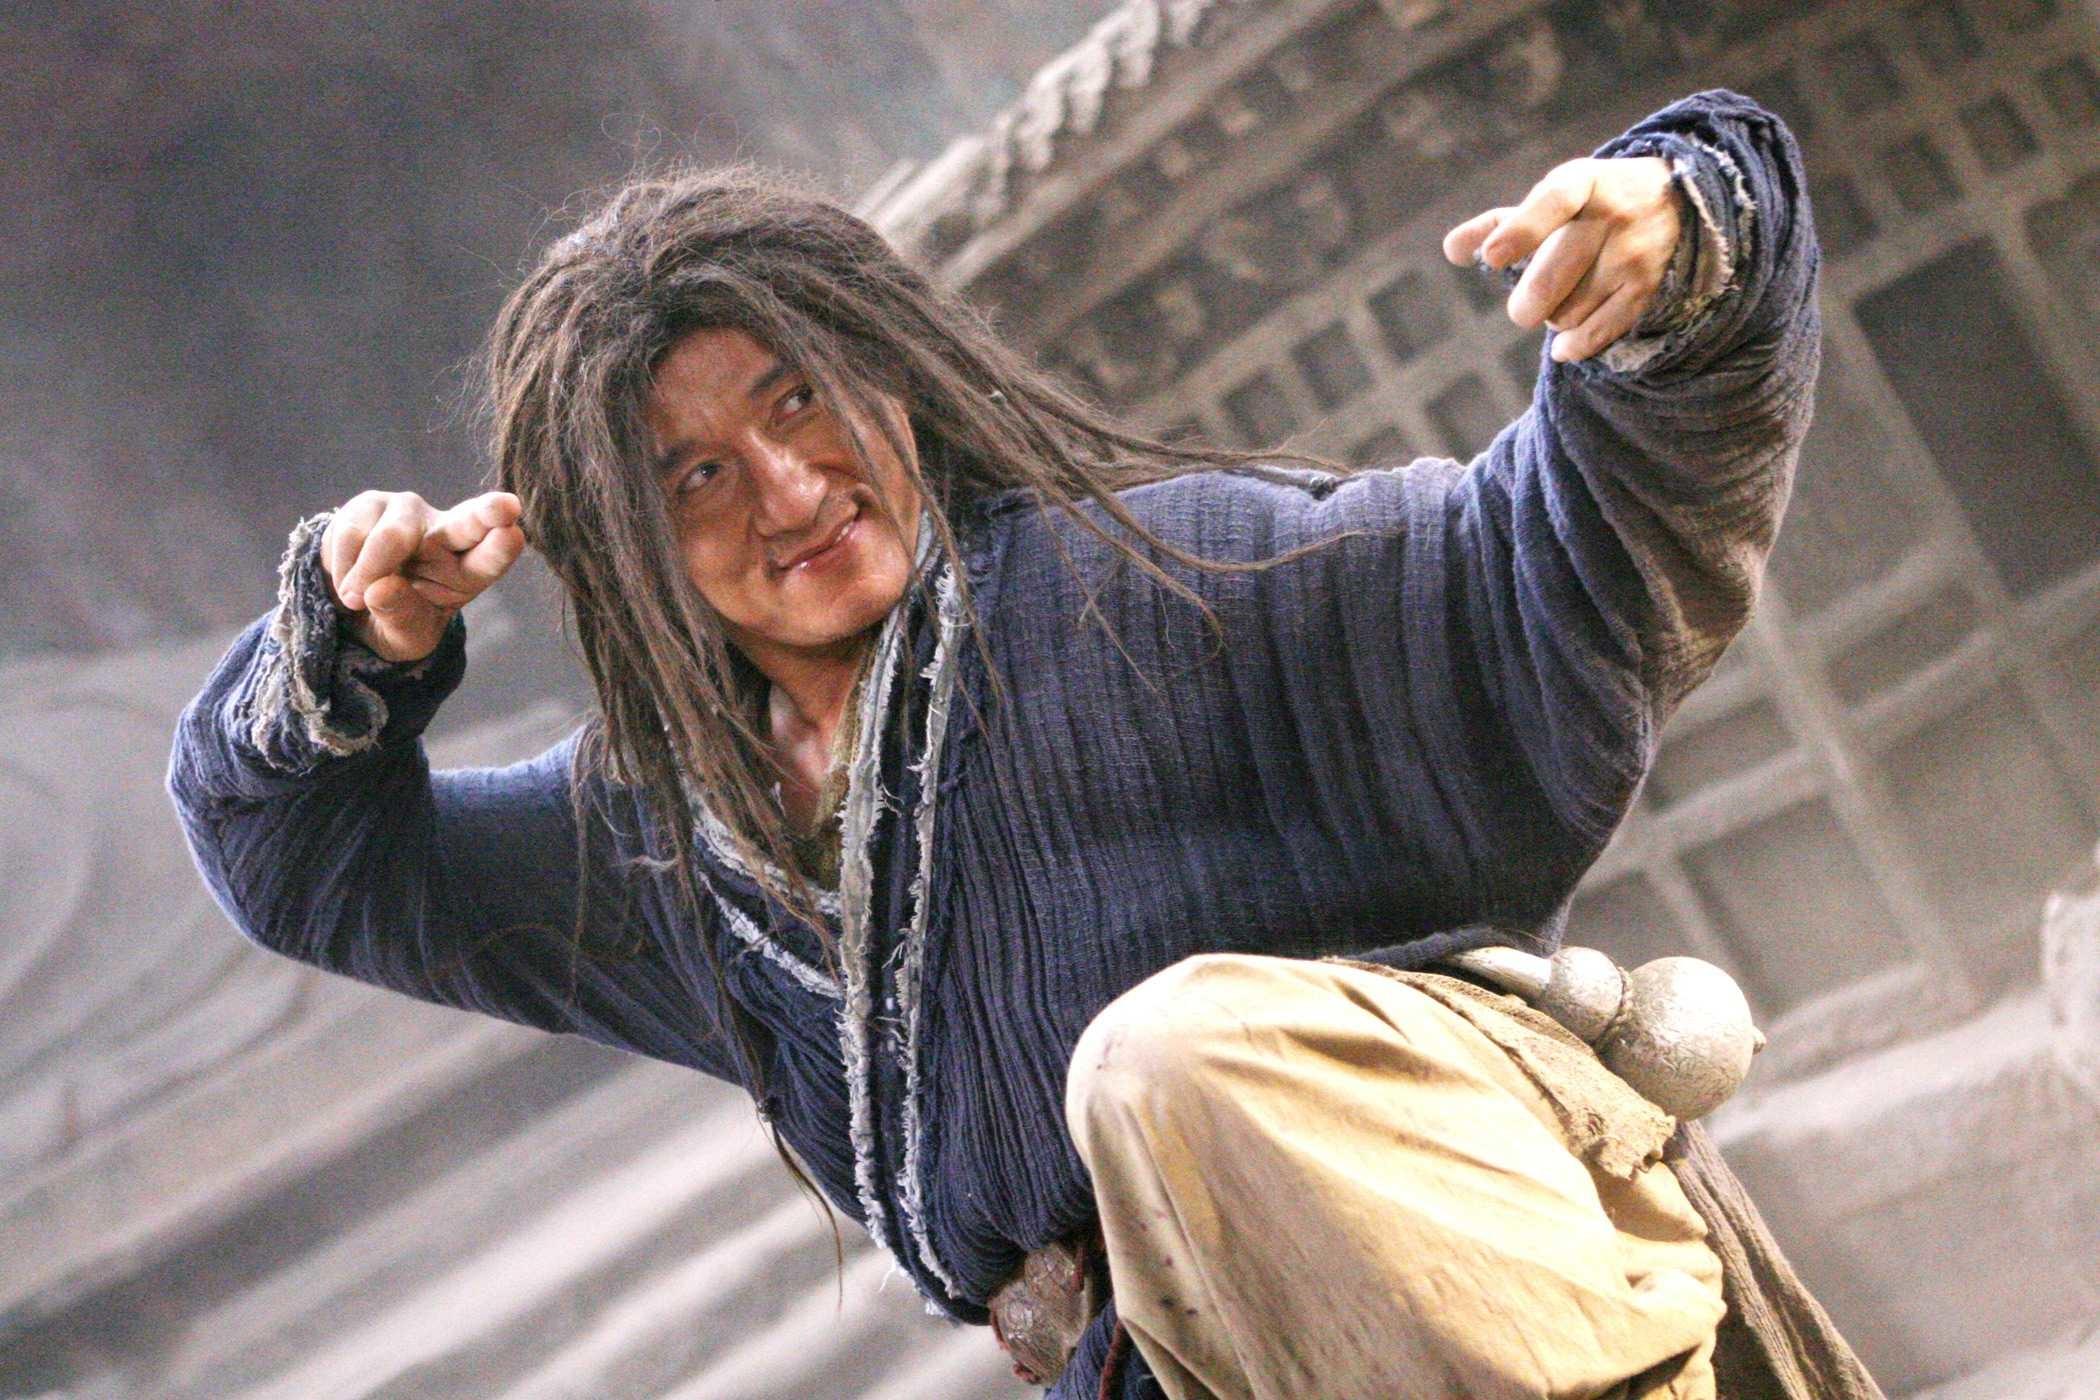 Internal Iphone X Wallpaper Shaolin Kung Fu Wallpaper 71 Images